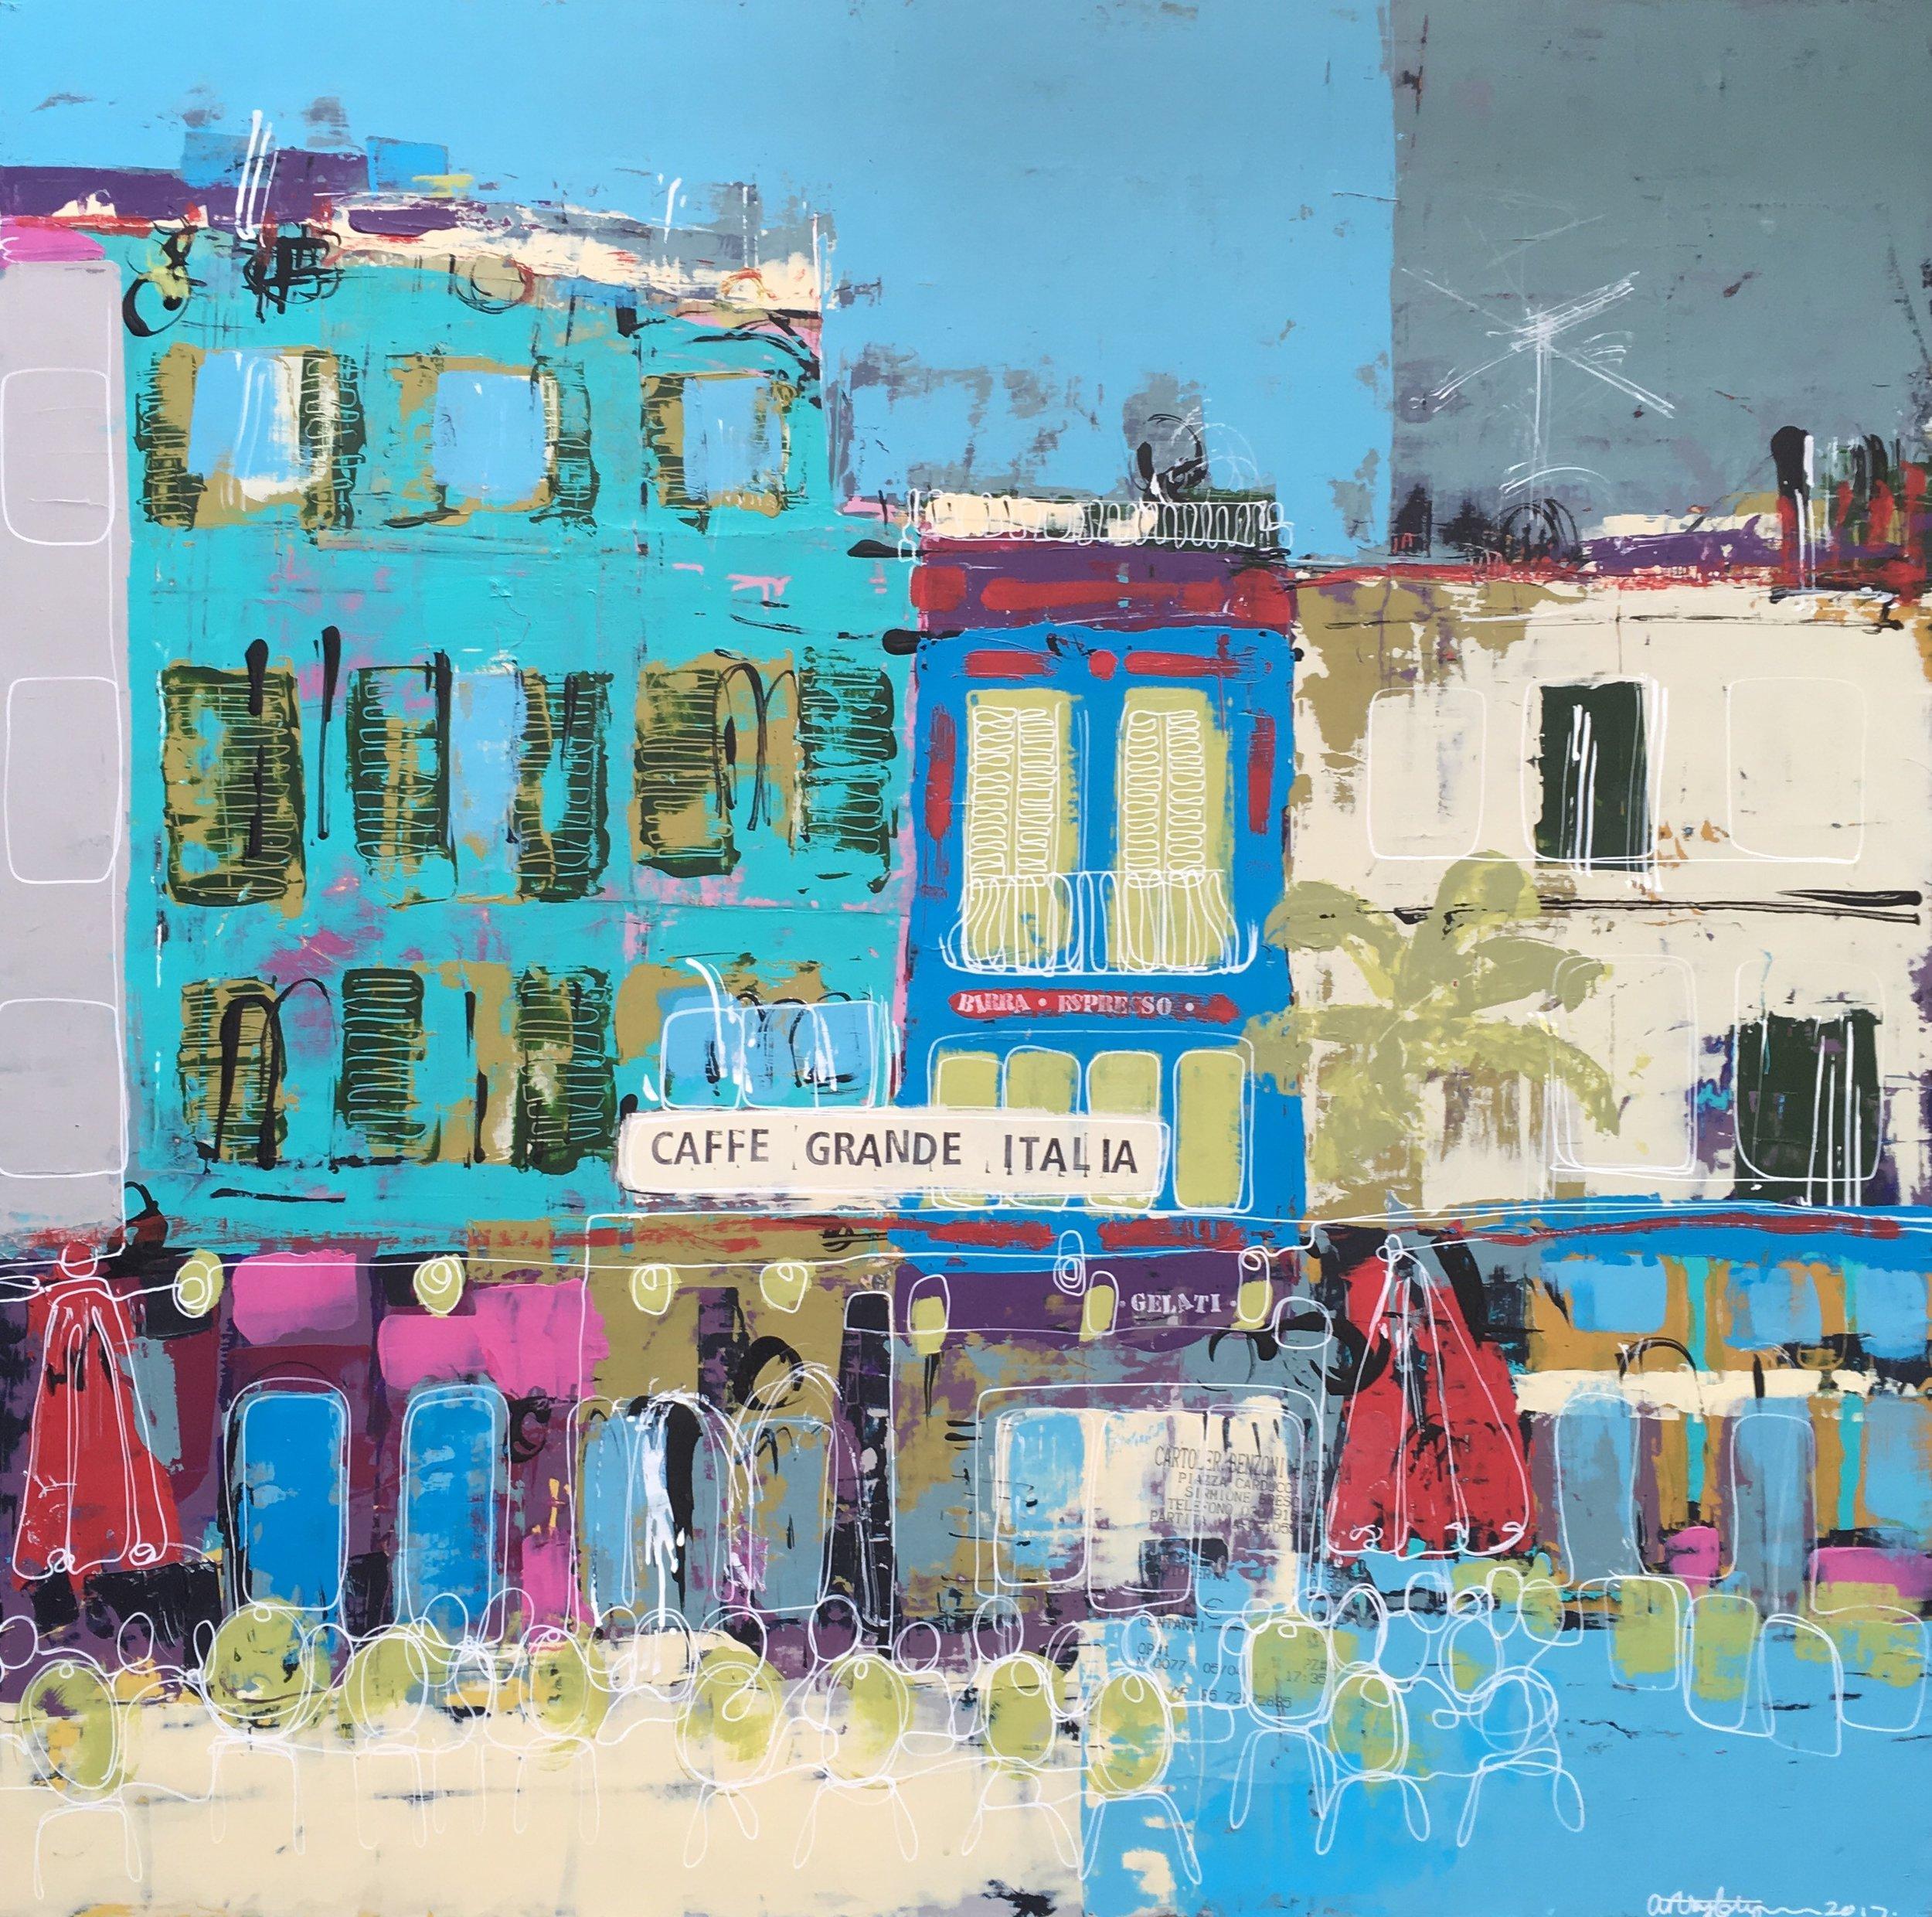 caffe grande italia, sirmione (acrylic on canvas 24x24)